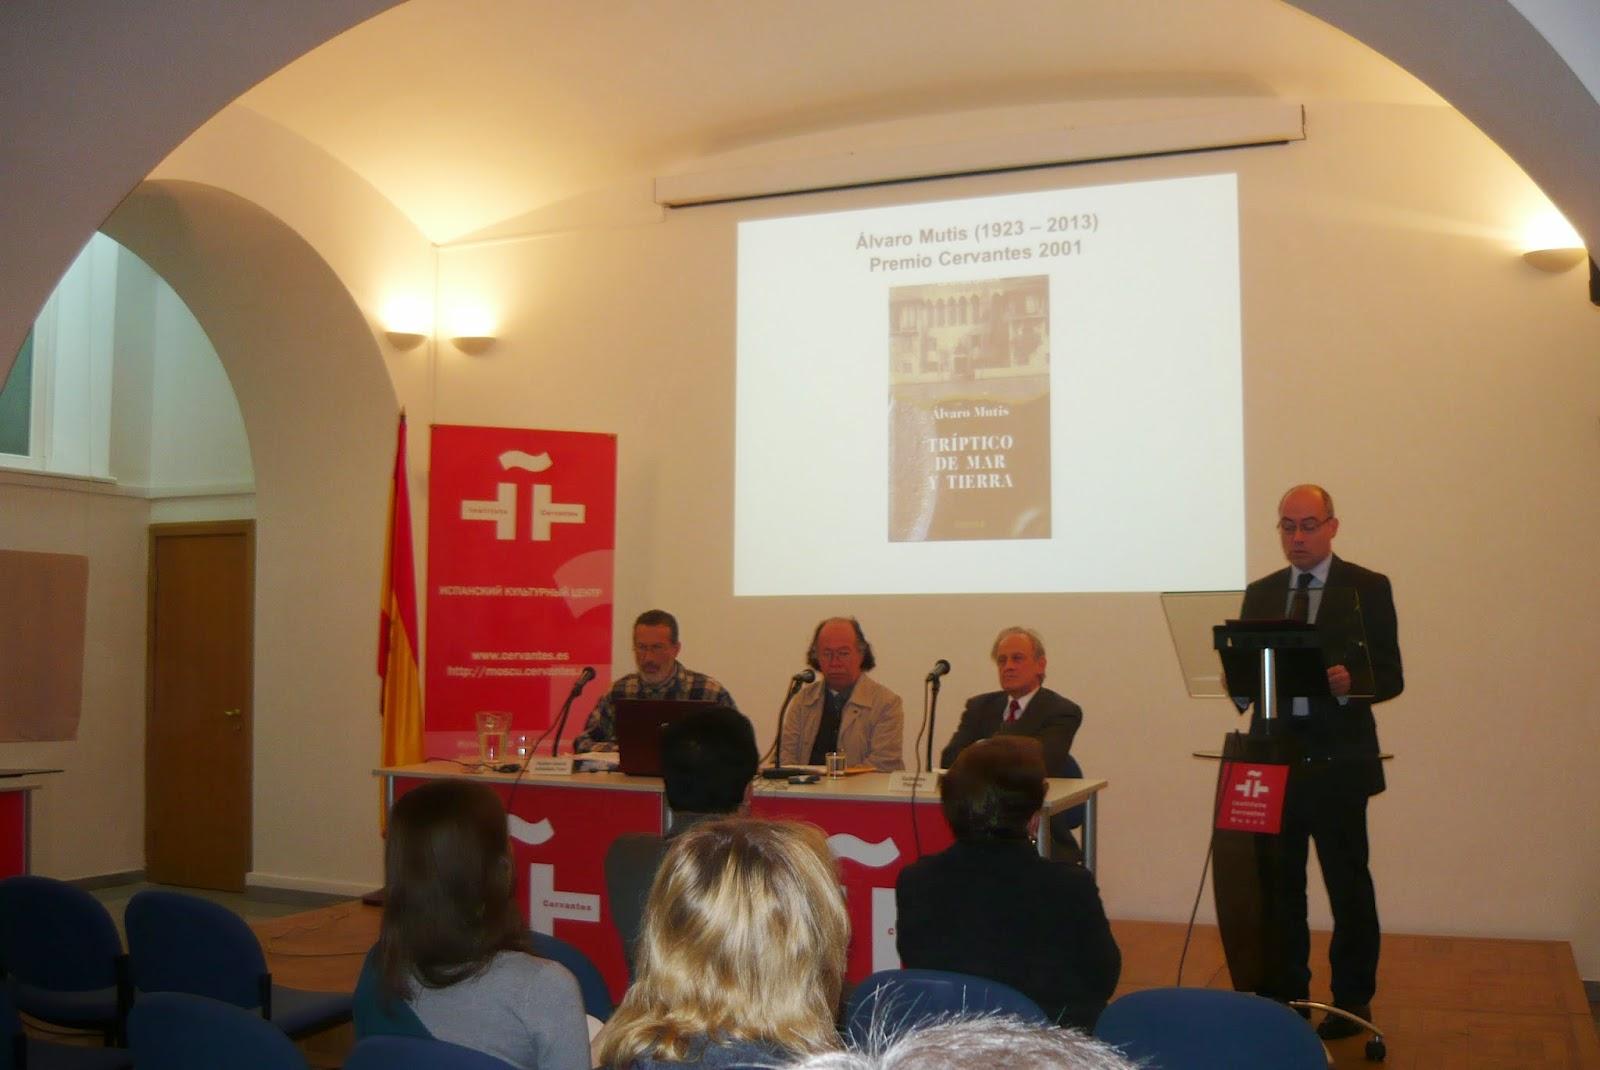 En el Instituto Servantes de Moscú: conferencia sobre Álvaro Mutis